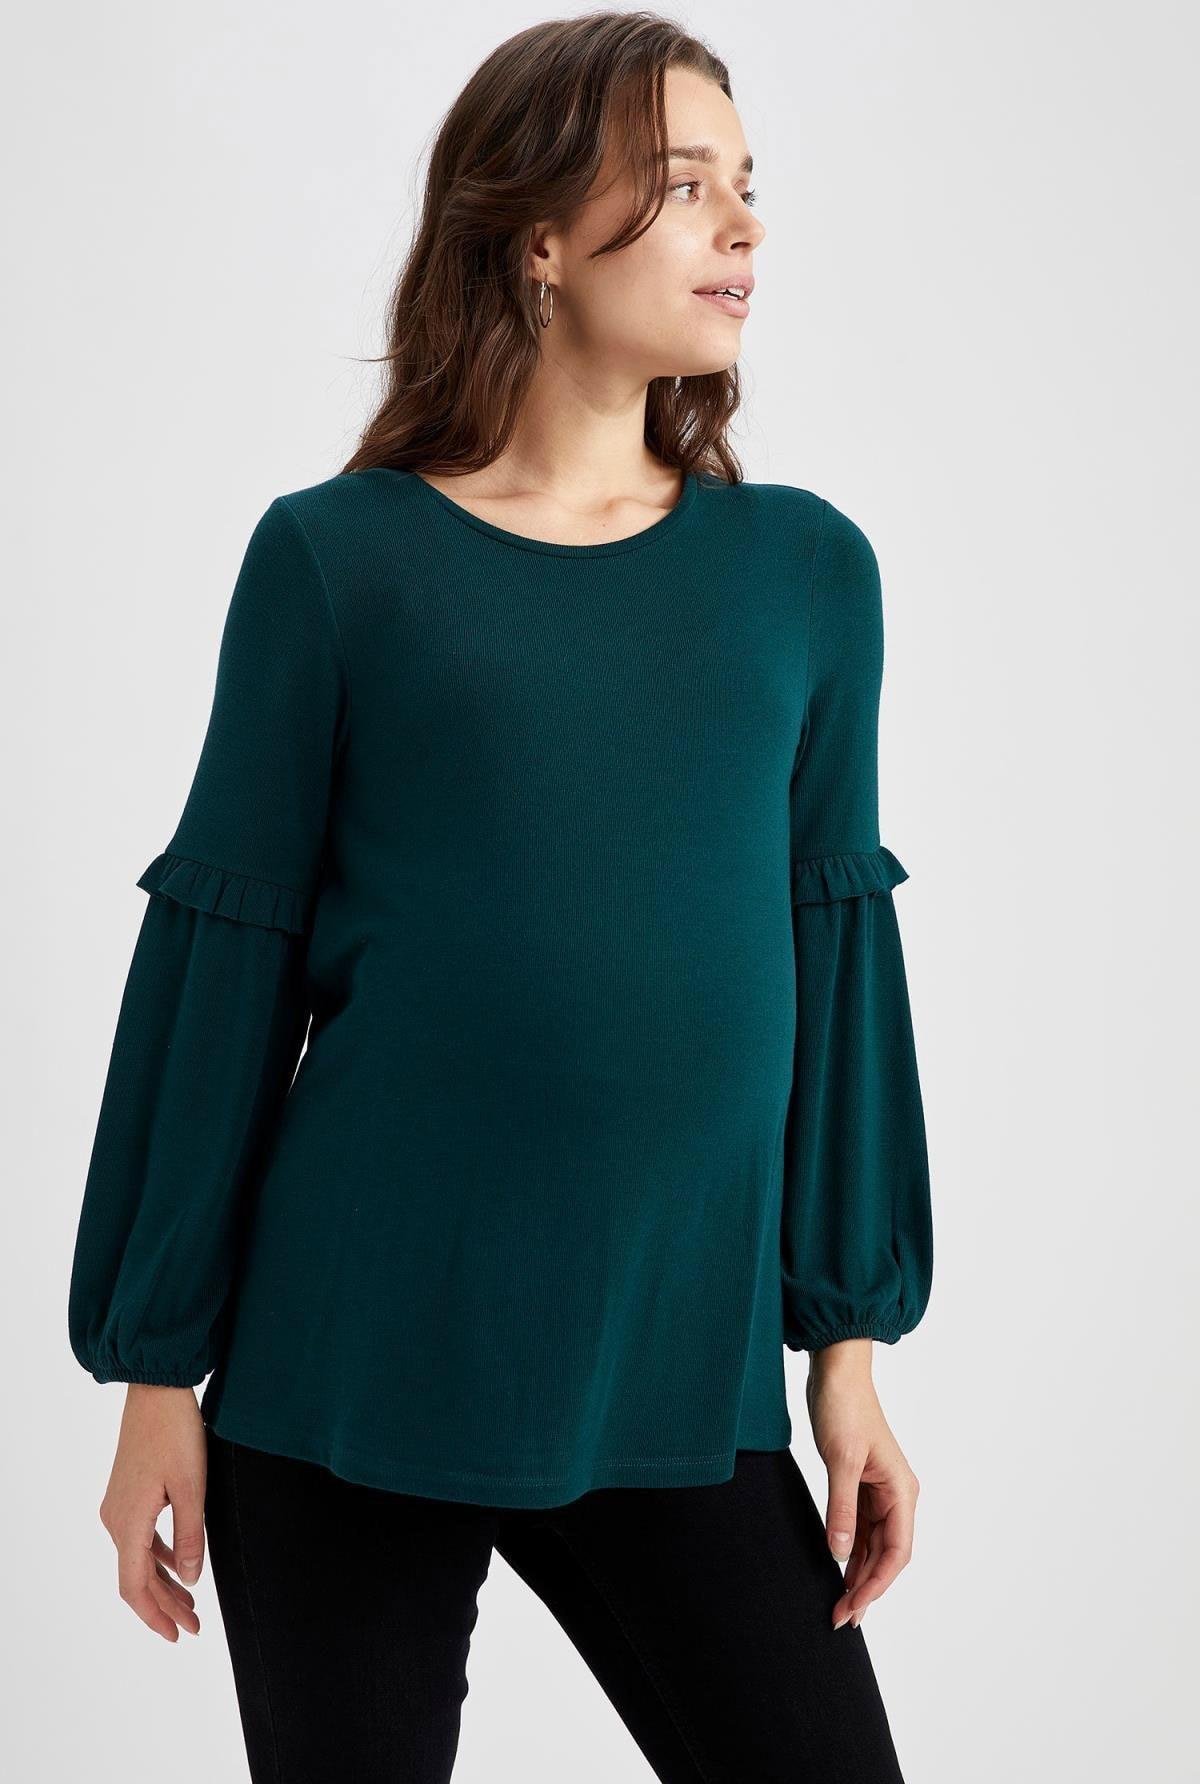 تیشرت بارداری زنانه Relax سبز برند Defacto کد 1608711841